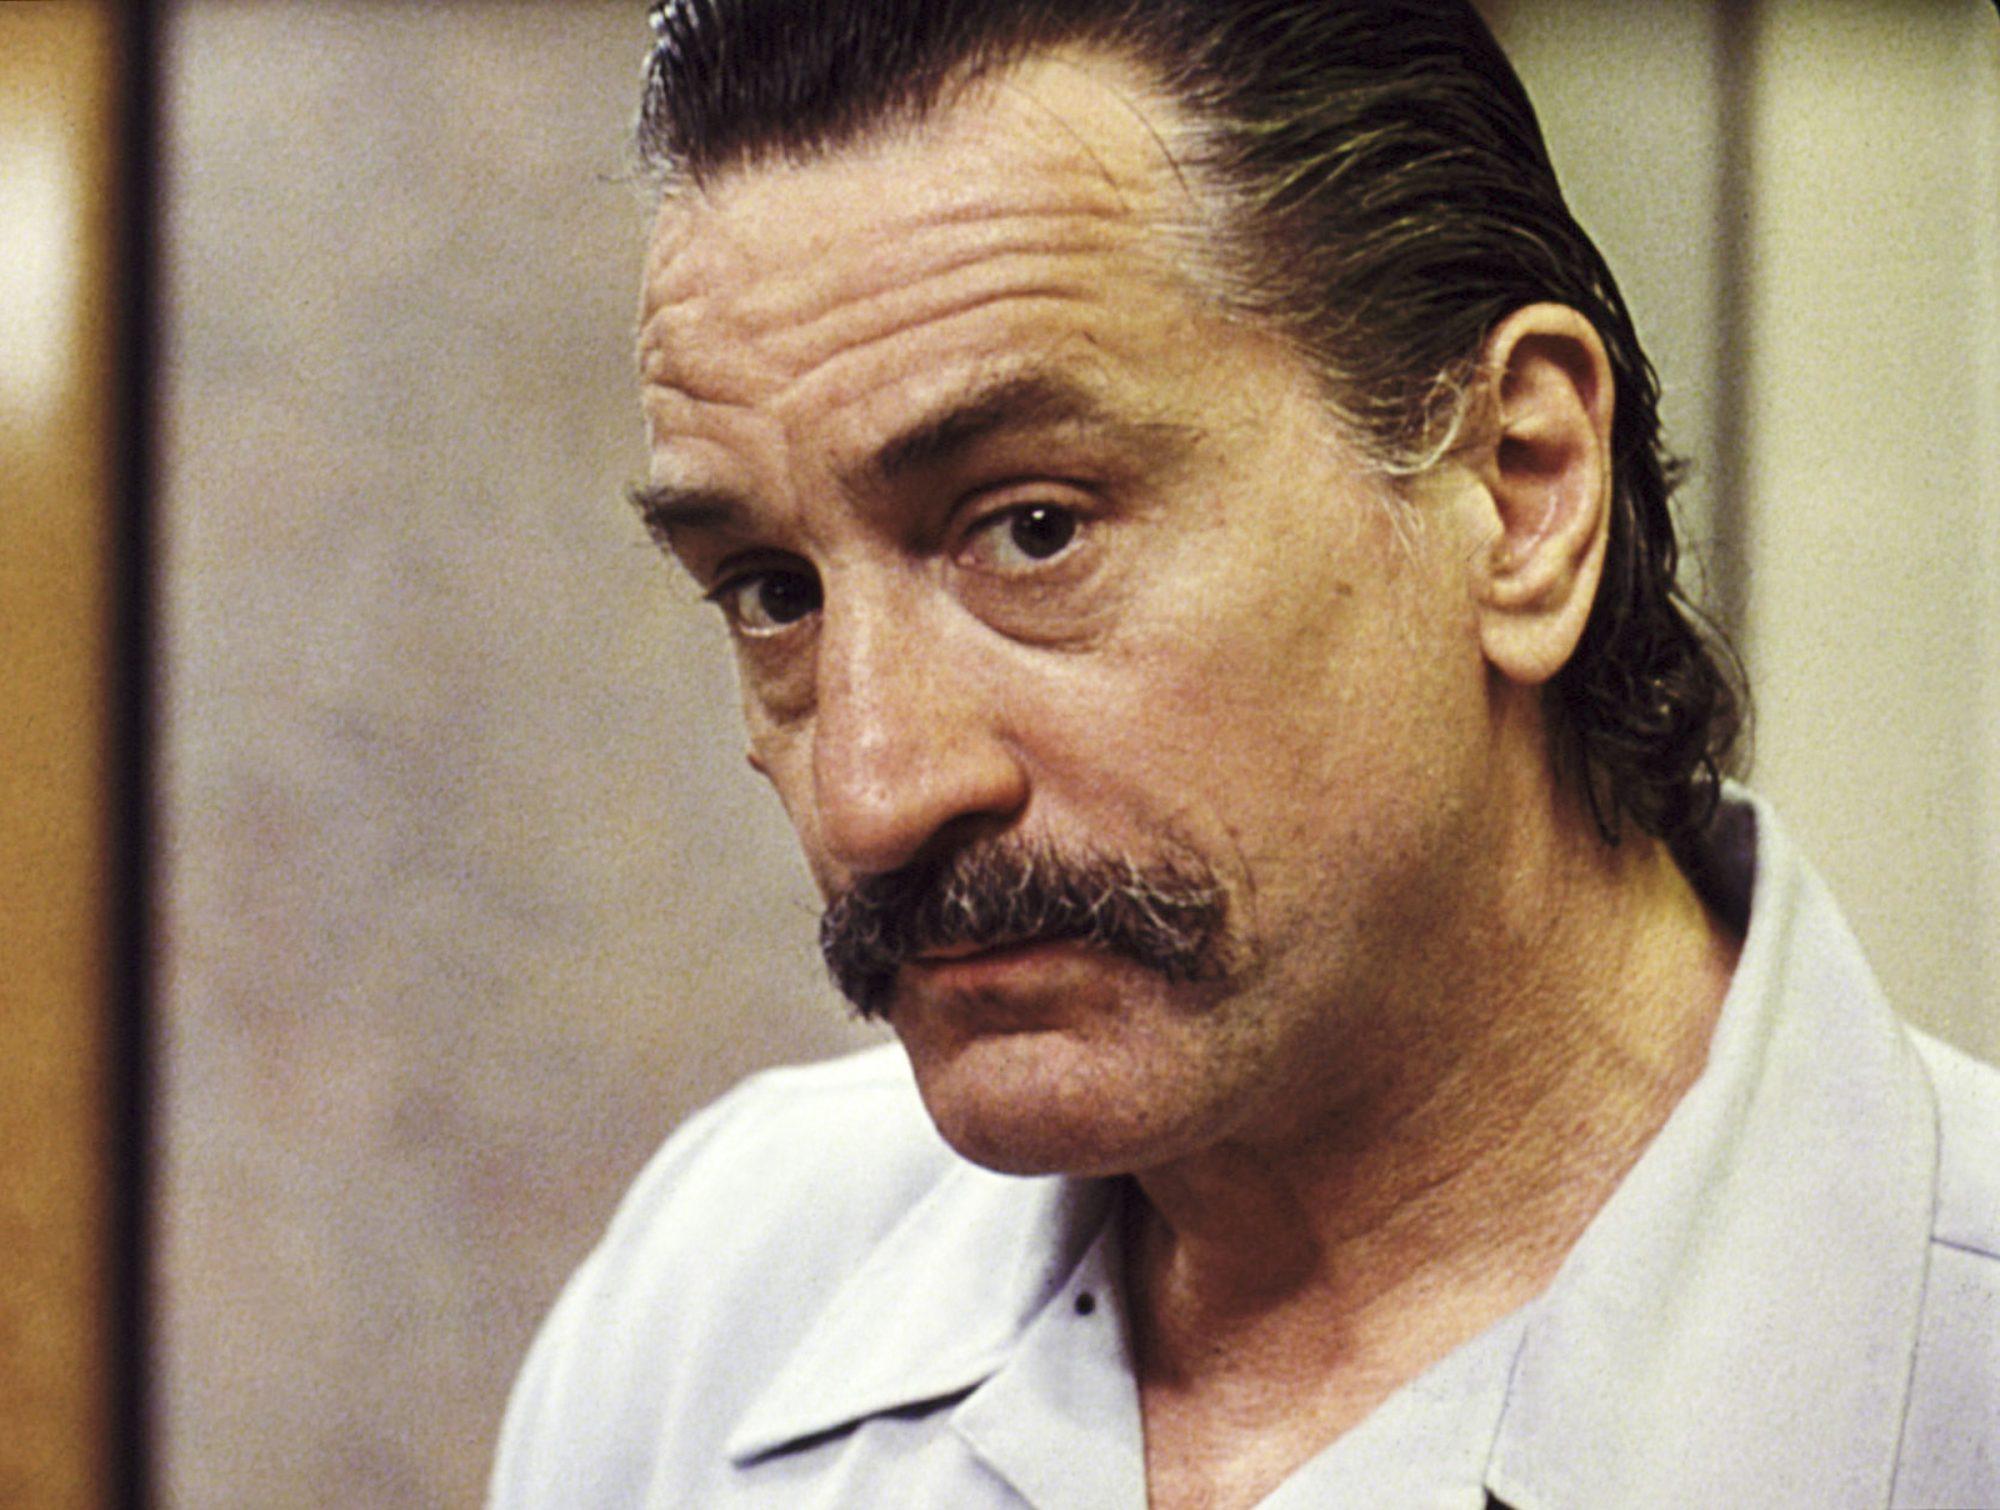 JACKIE BROWN, Robert De Niro, 1997